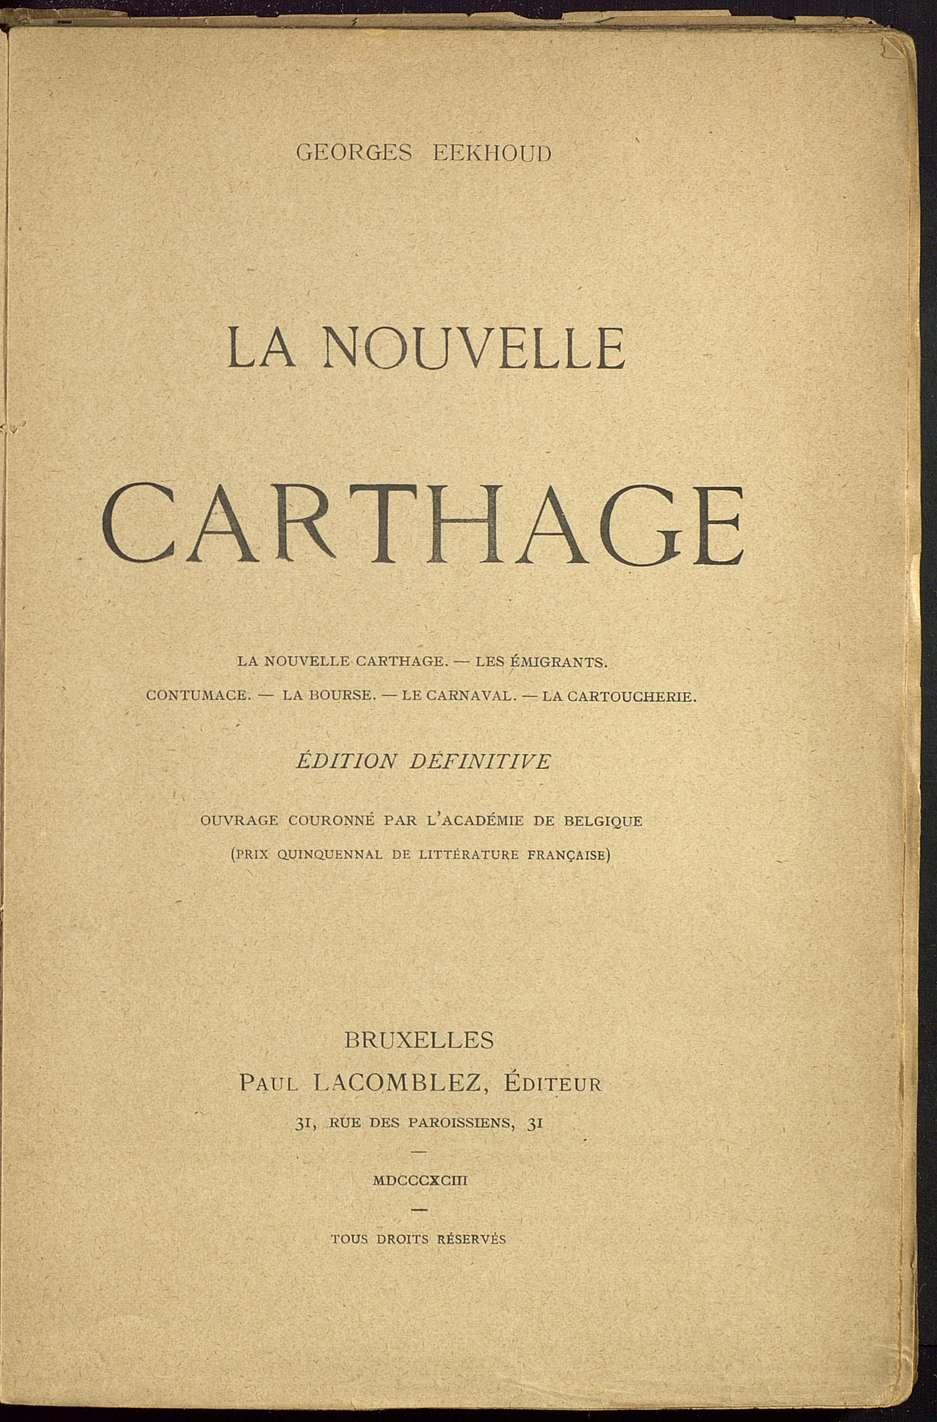 La Nouvelle Carthage : Les Emigrants ; Contumace ; La Bourse ; Le Carnaval ; La Cartoucherie